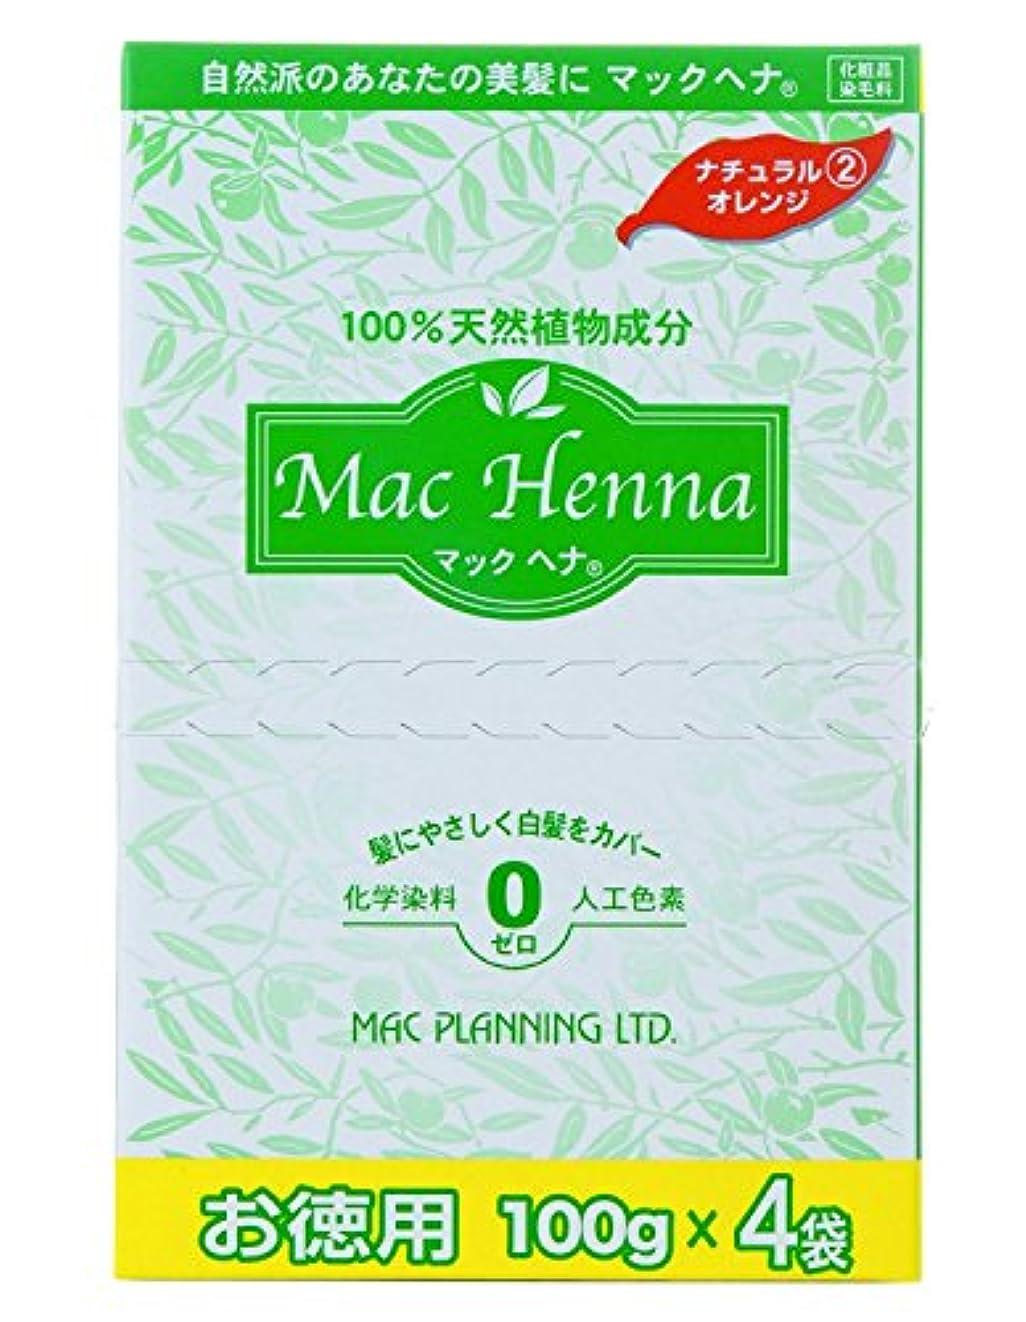 強度ロープ令状マックヘナ お徳用(ナチュラルオレンジ)-2 400g(100g×4袋)